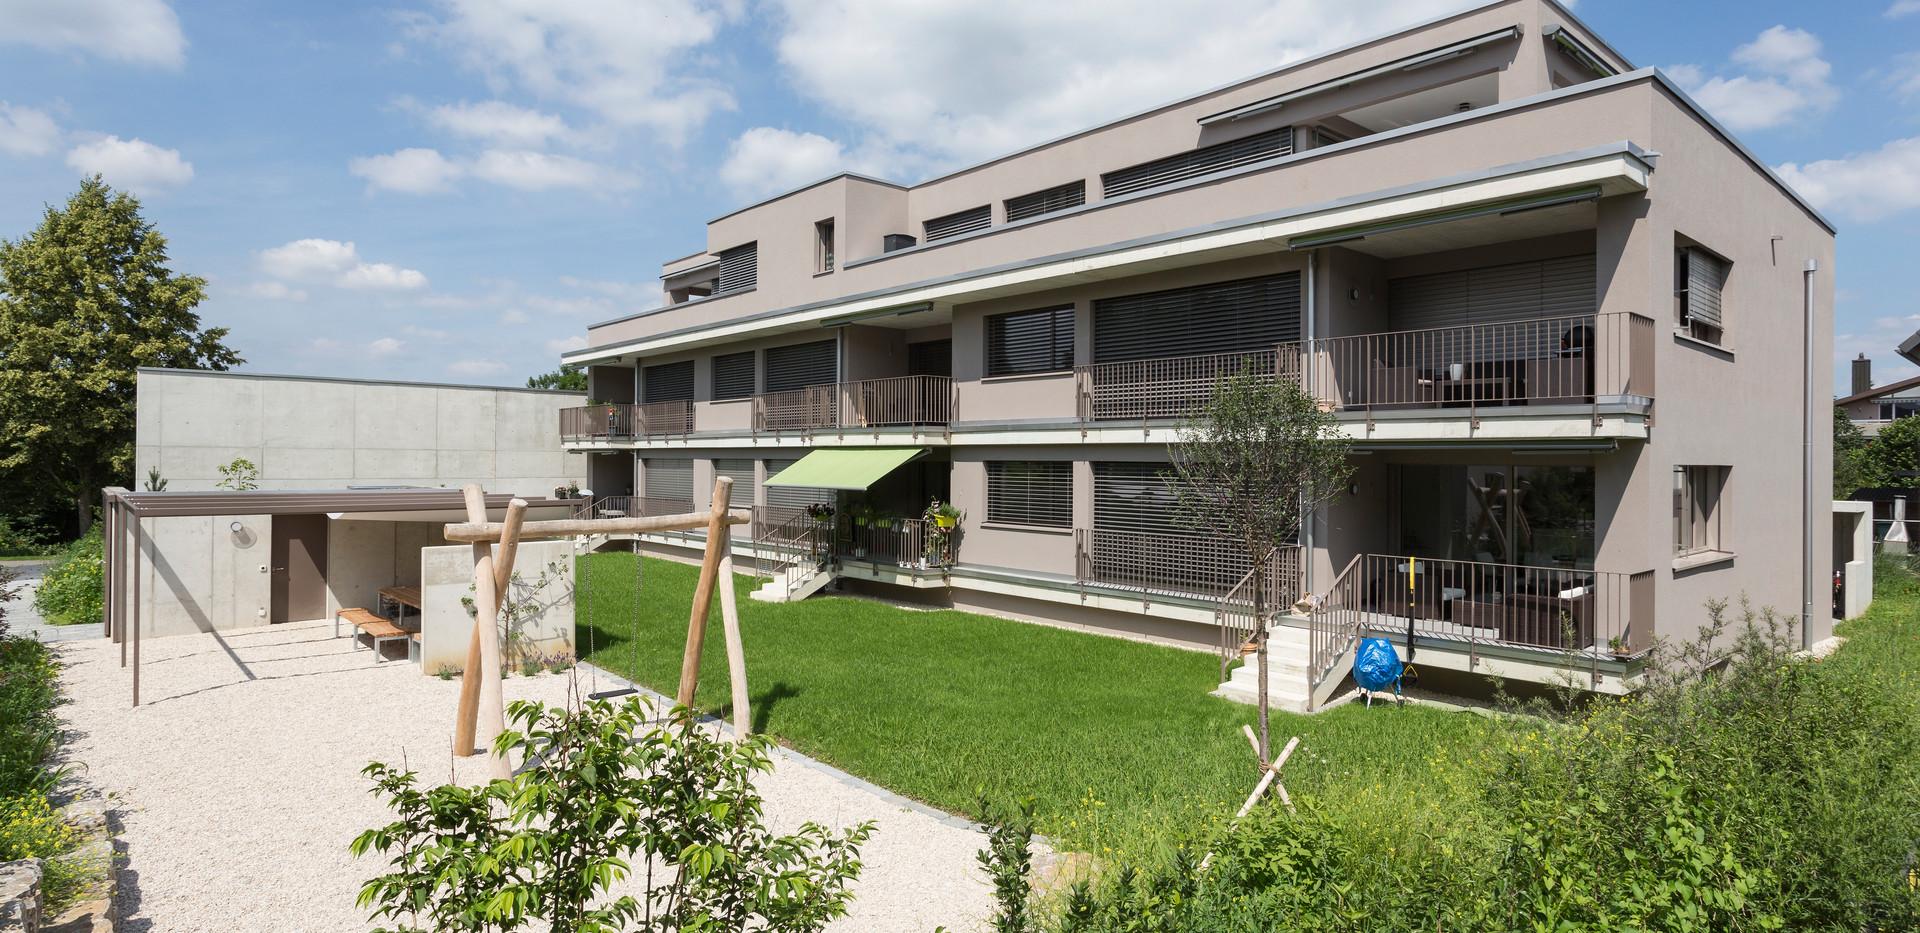 Lindenfeldweg, Therwil